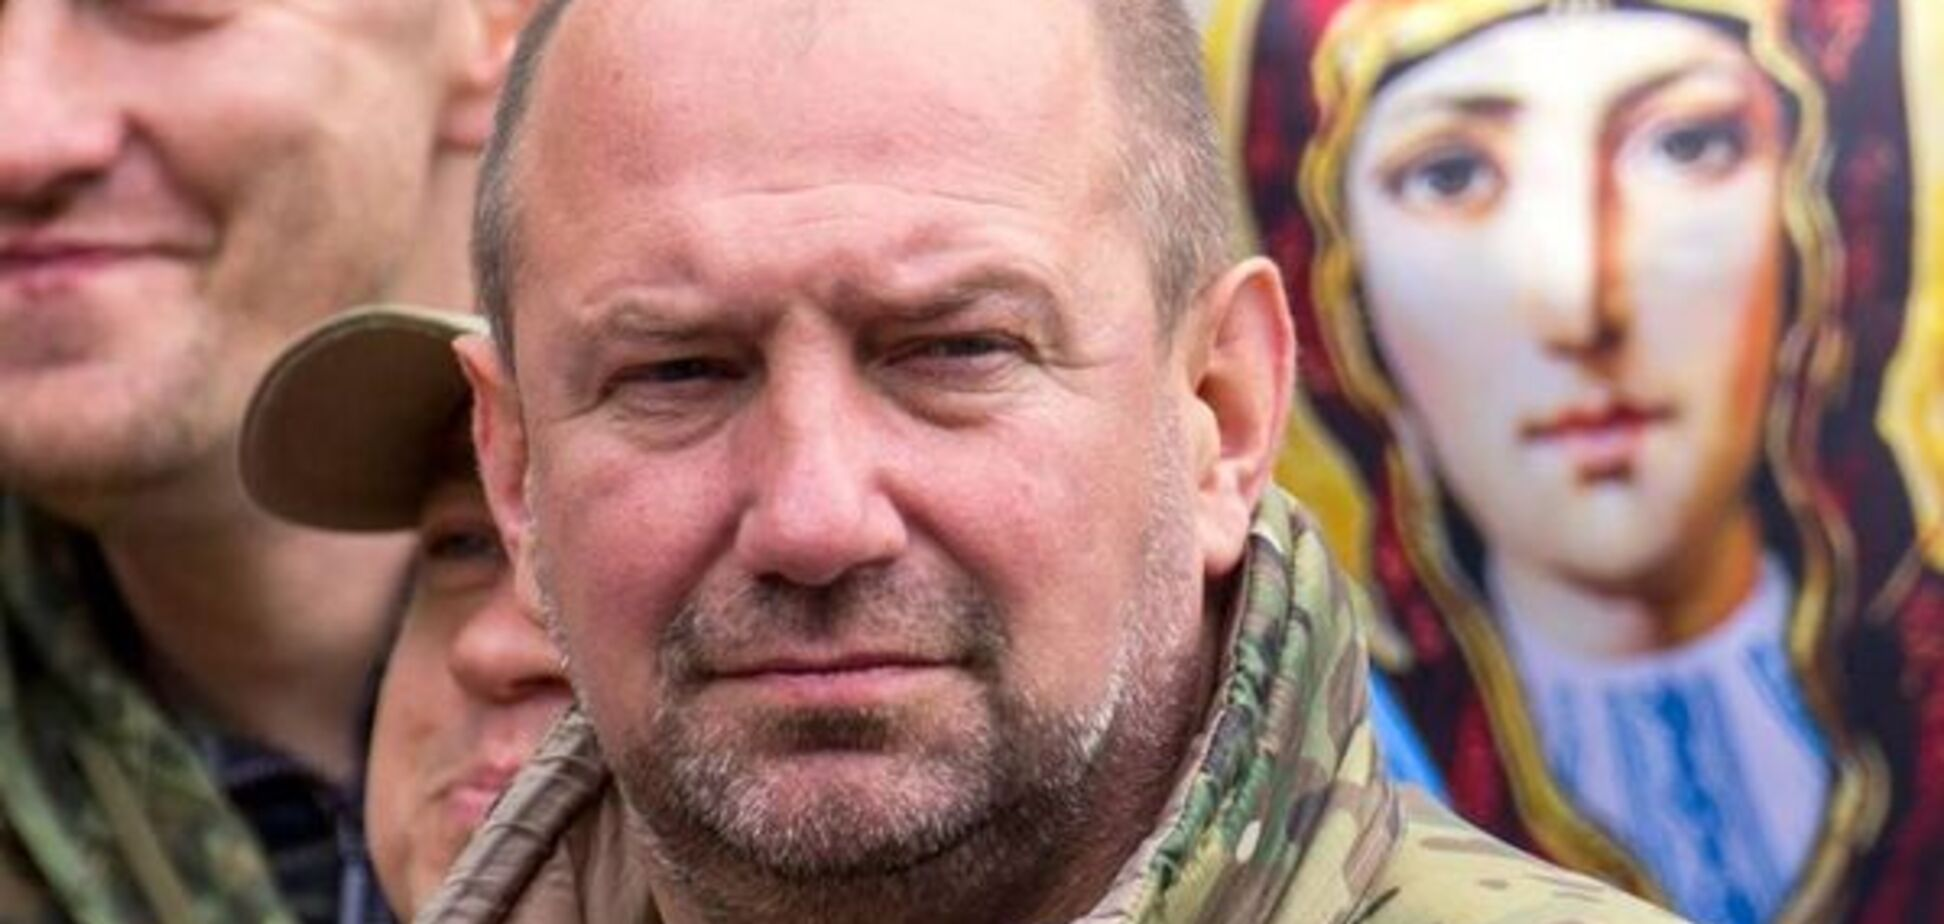 Екскомандира 'Айдару' Мельничука відпустили на свободу